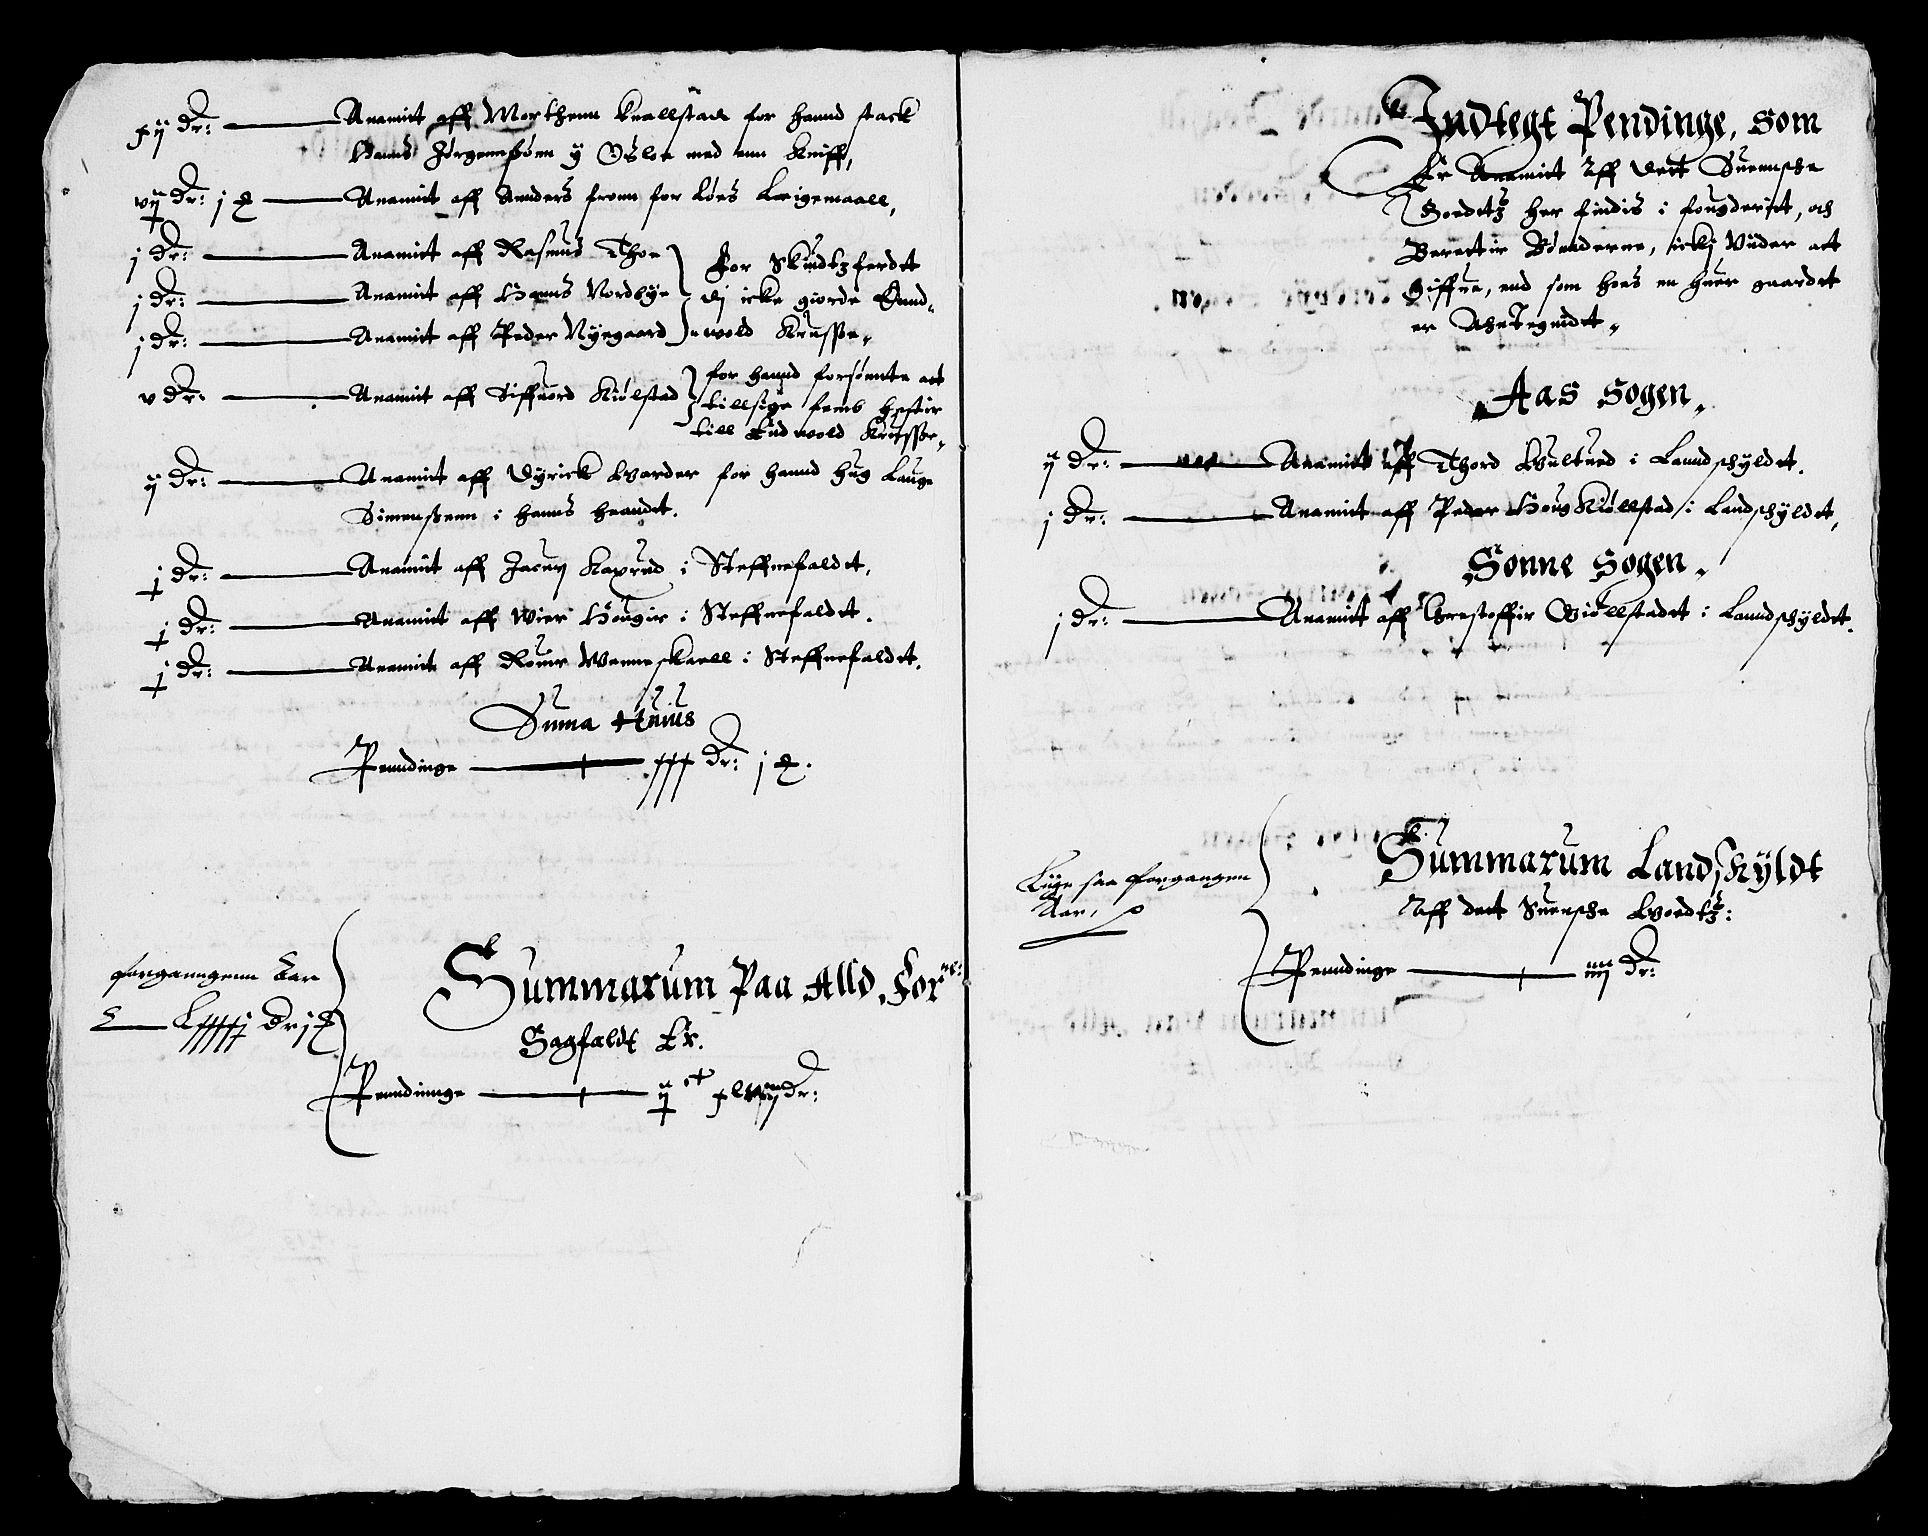 RA, Rentekammeret inntil 1814, Reviderte regnskaper, Lensregnskaper, R/Rb/Rba/L0030: Akershus len, 1612-1613